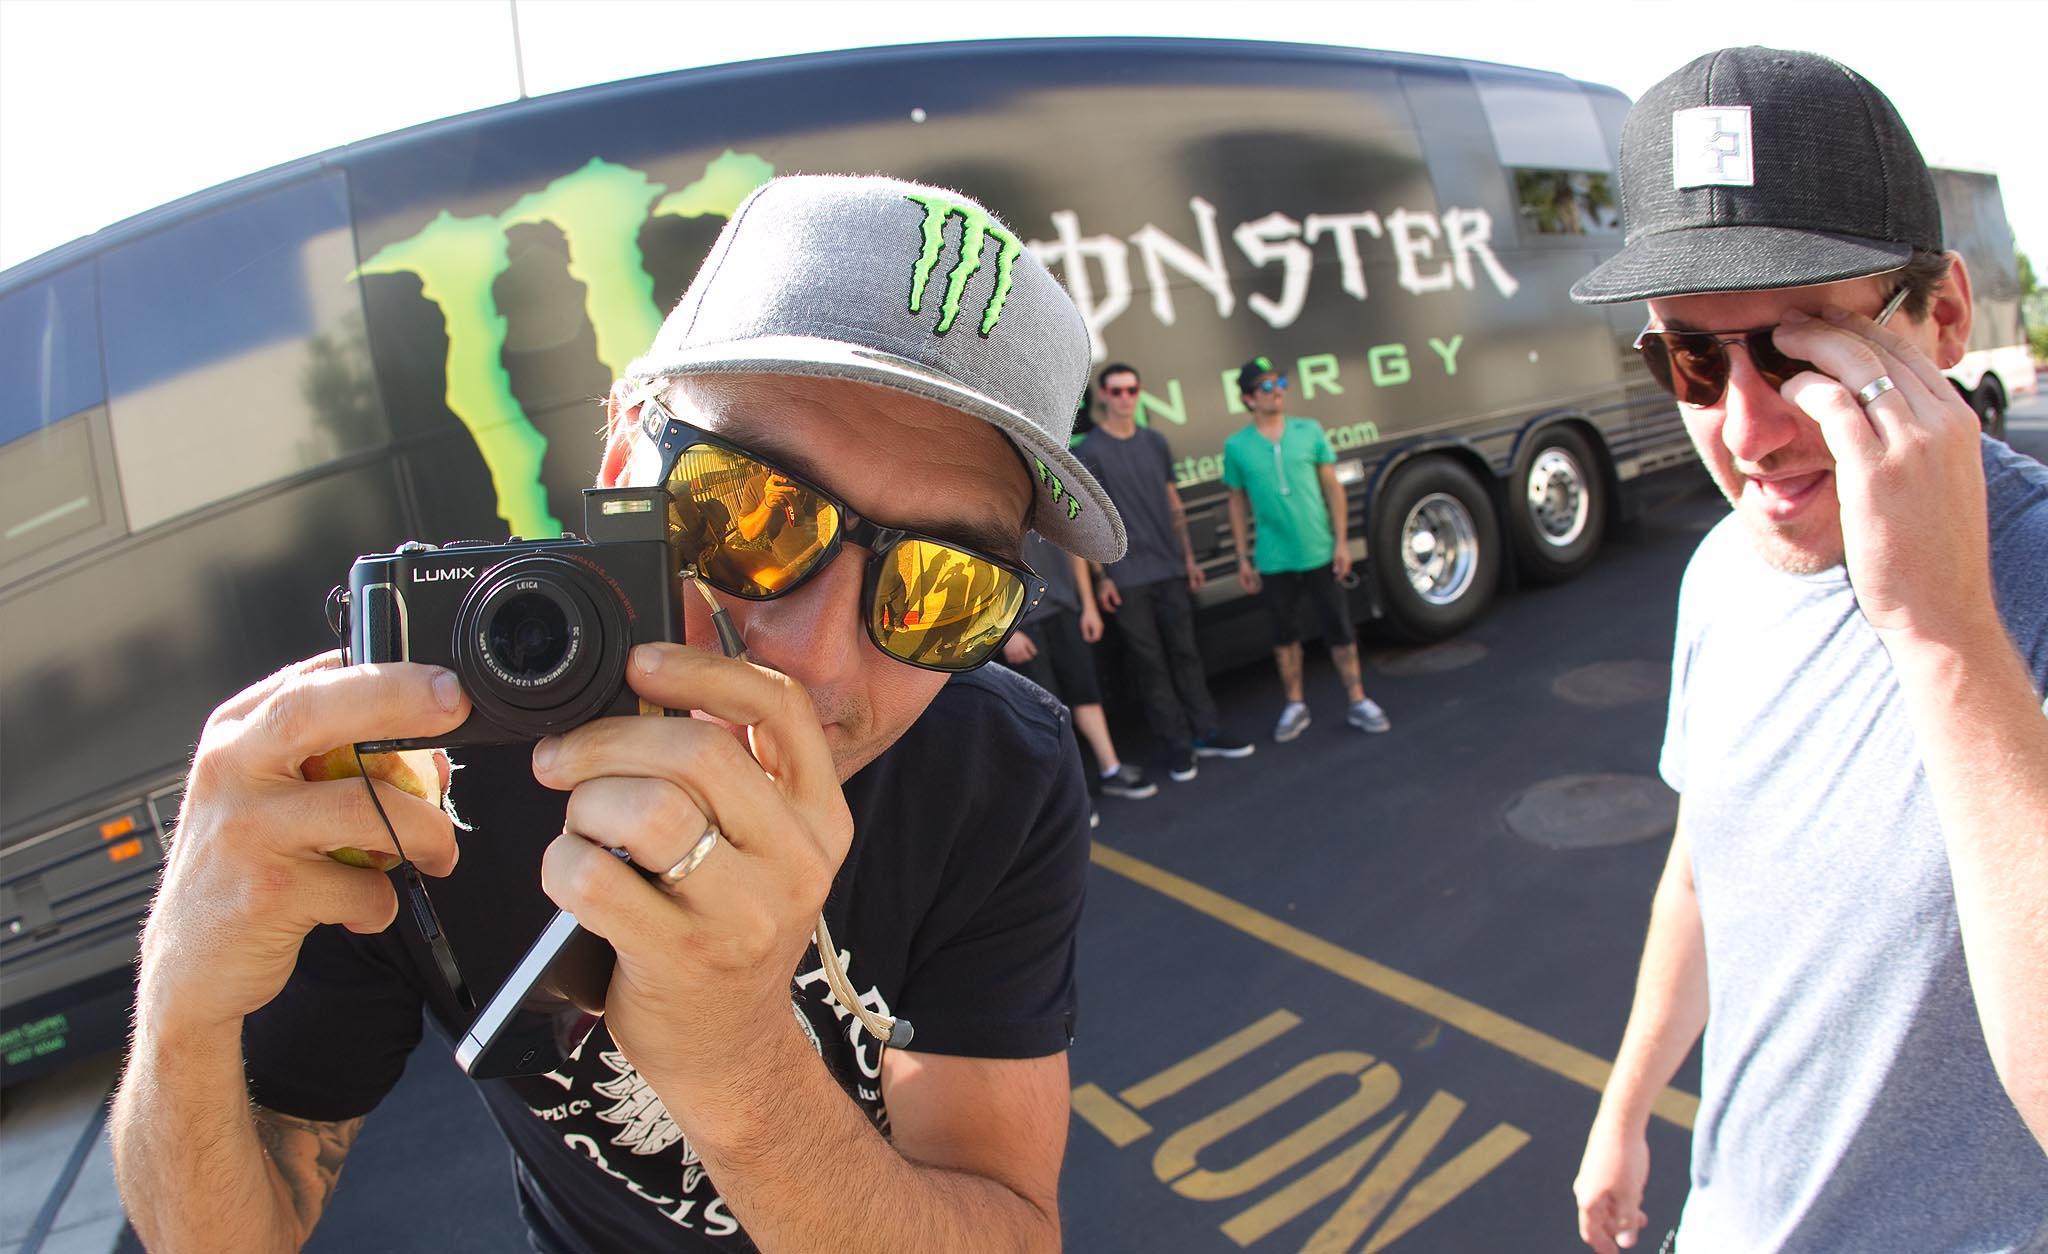 /photo/2012/0817/as_bmx_monster2_2048.jpg